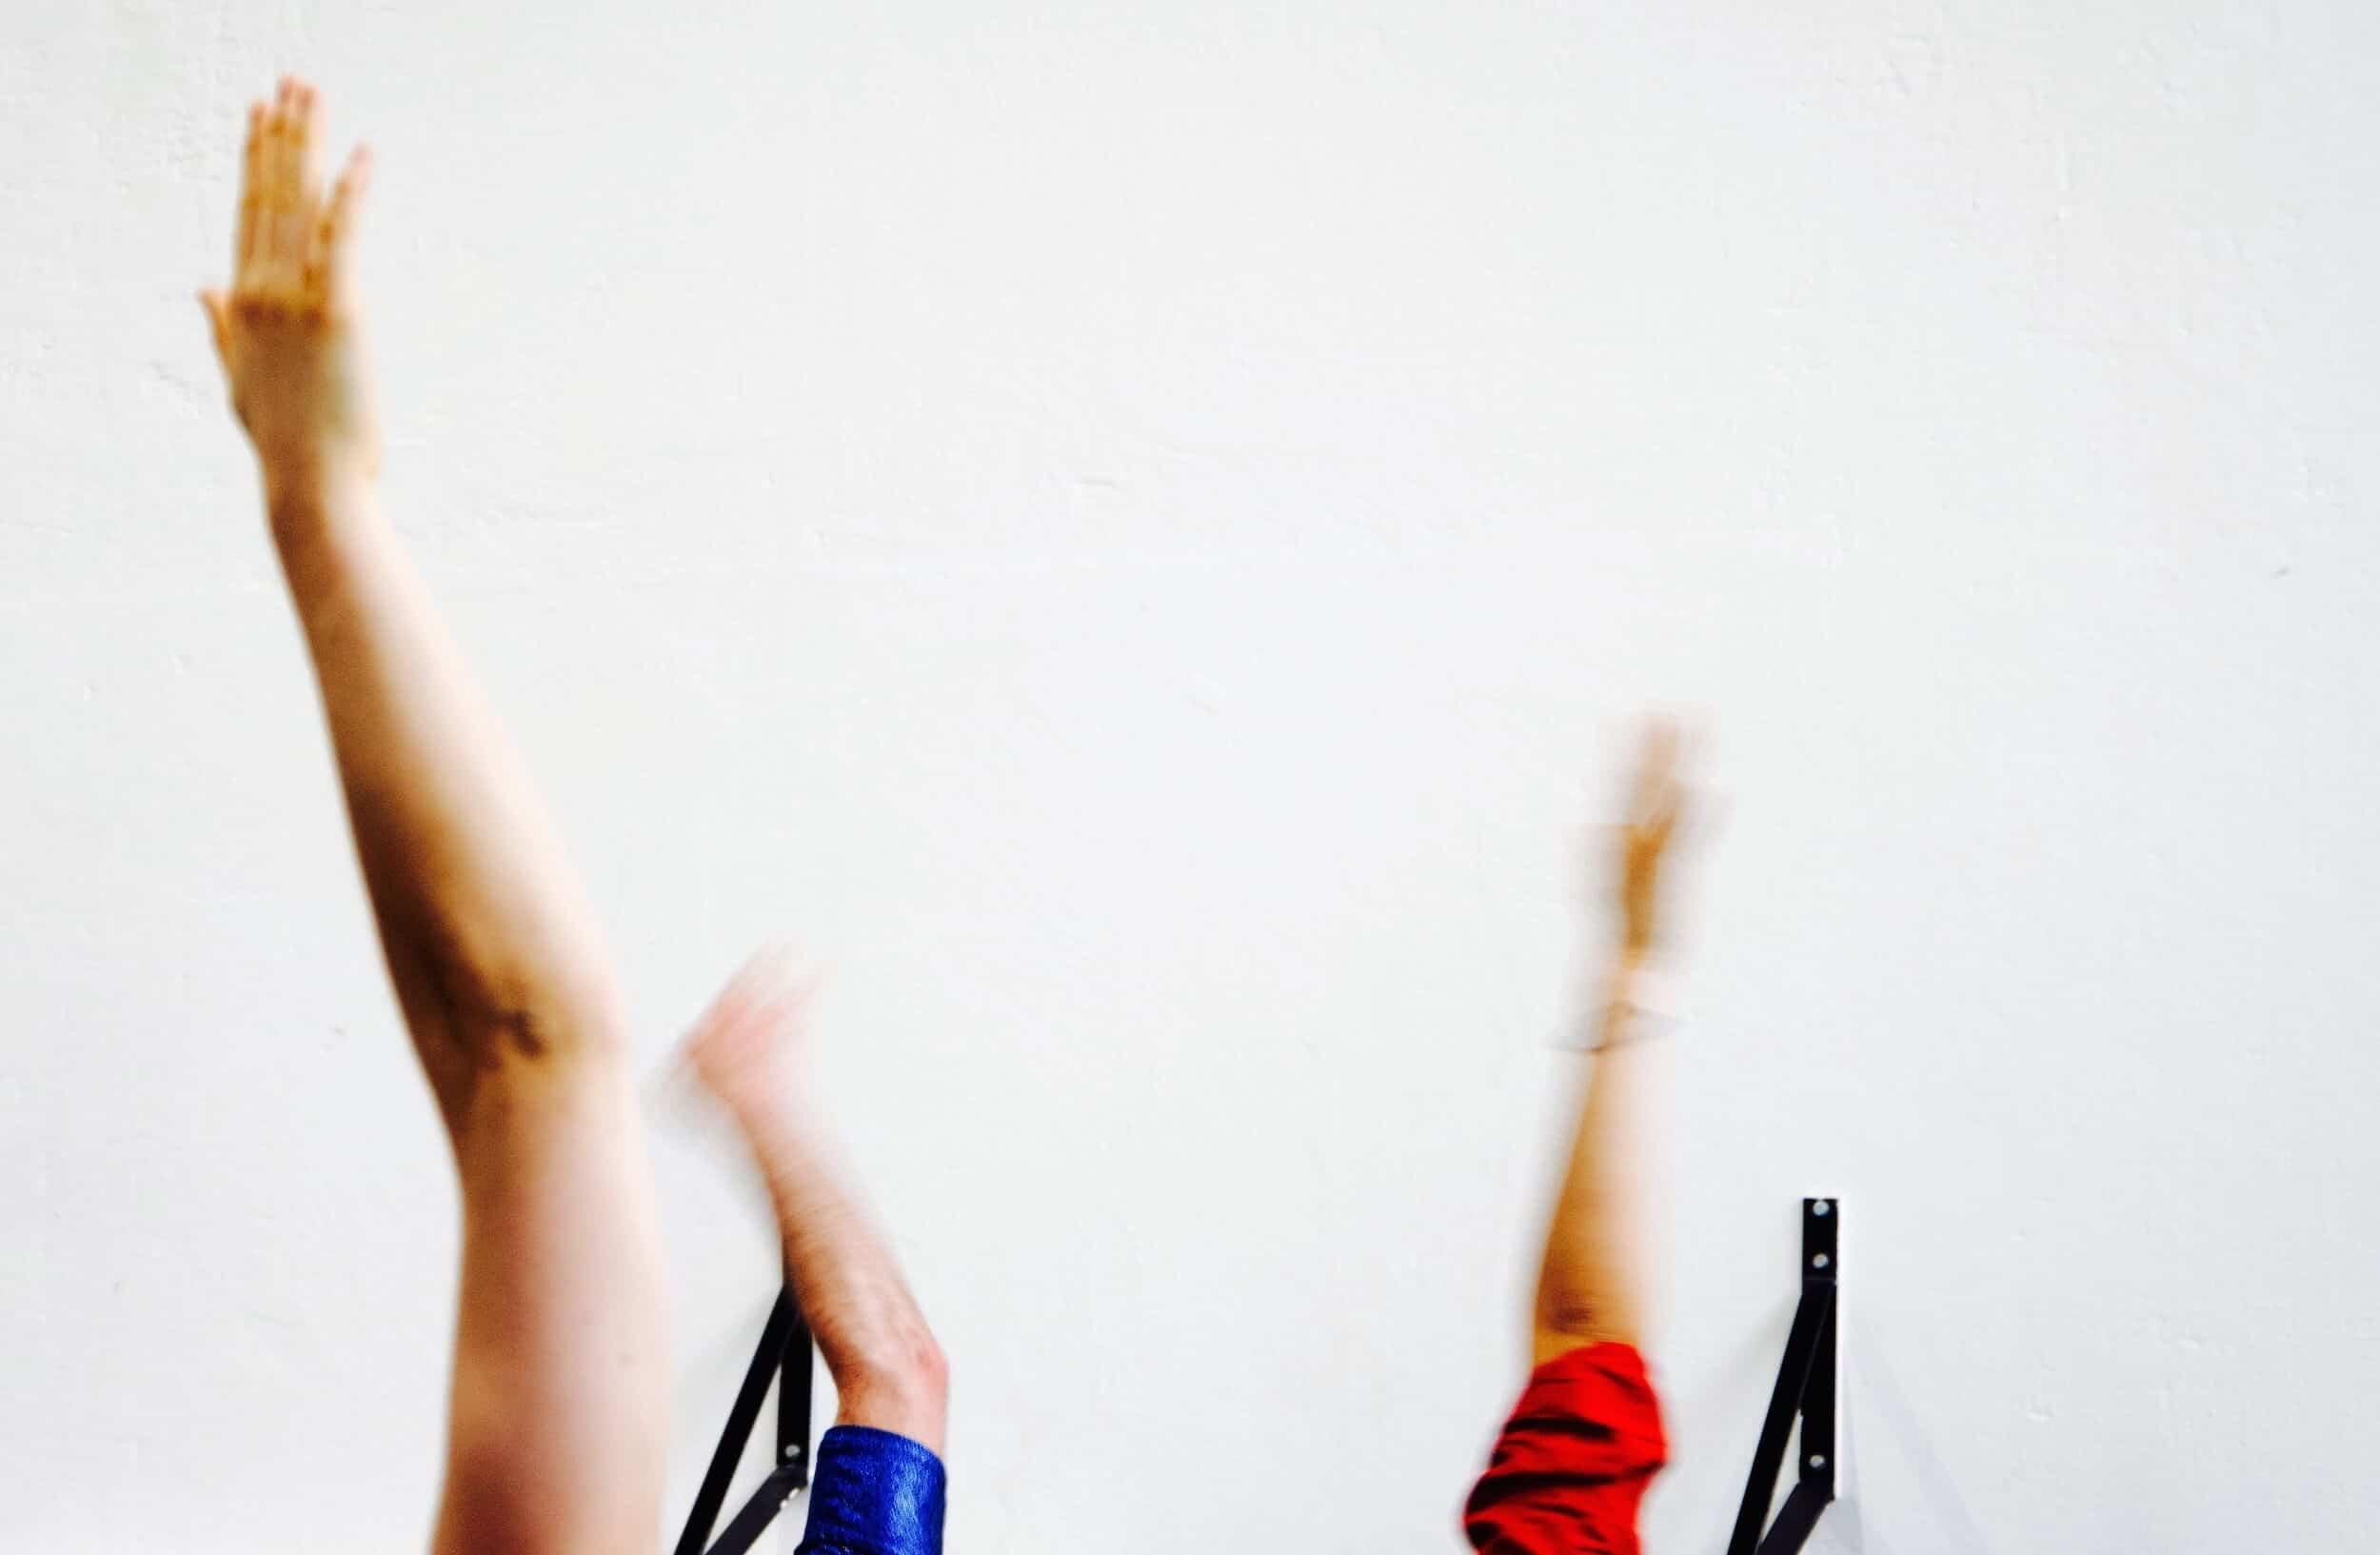 02.-03.12.19 <br /> Ceren Oran <br /> PopUp Piece